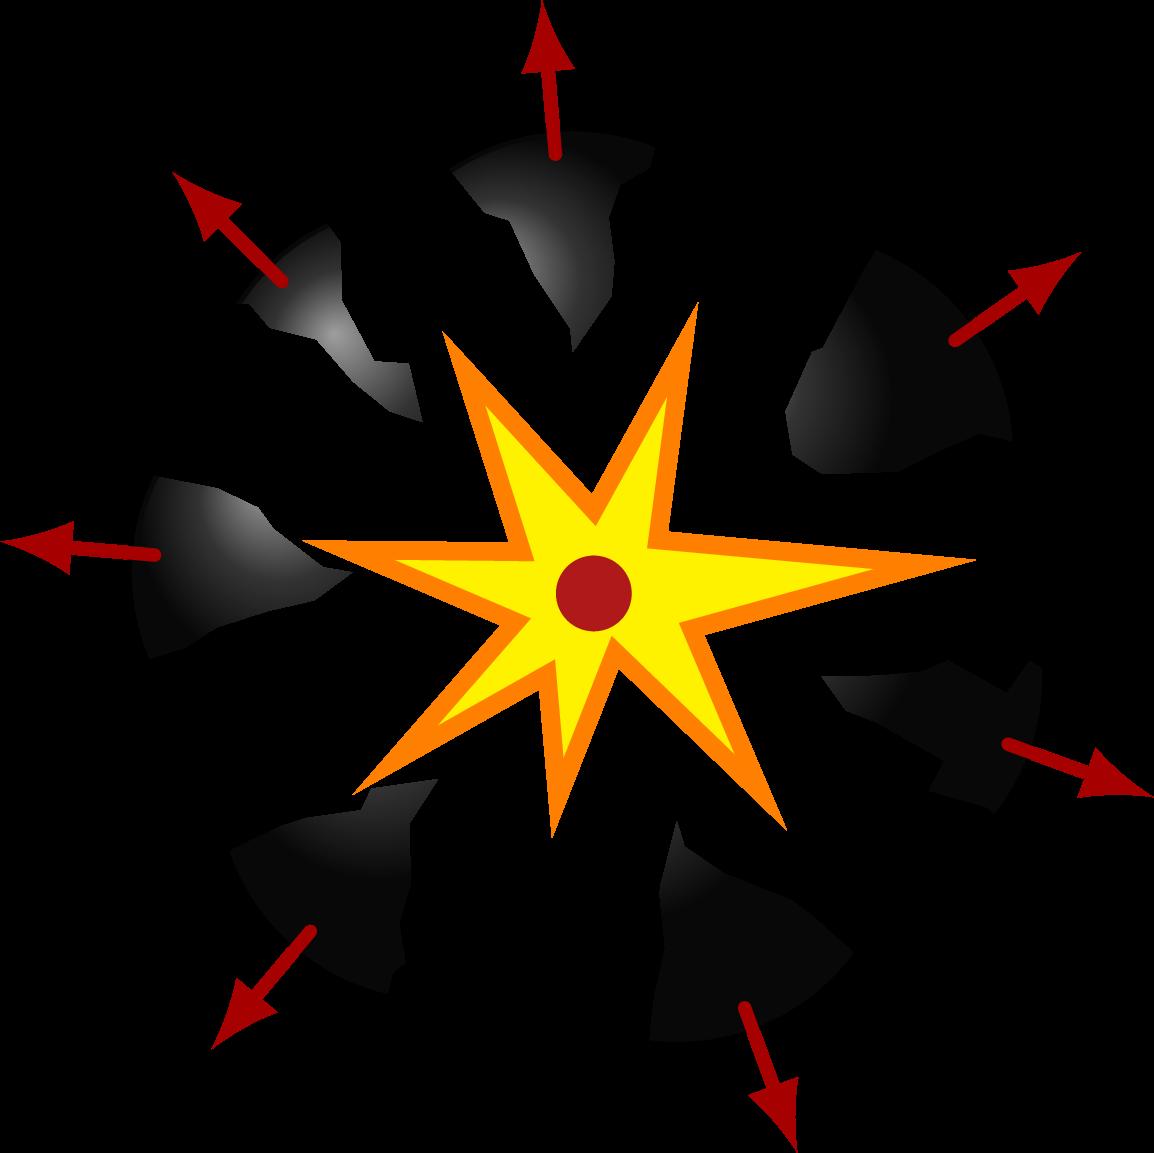 dynamics_center_of_mass-003.png